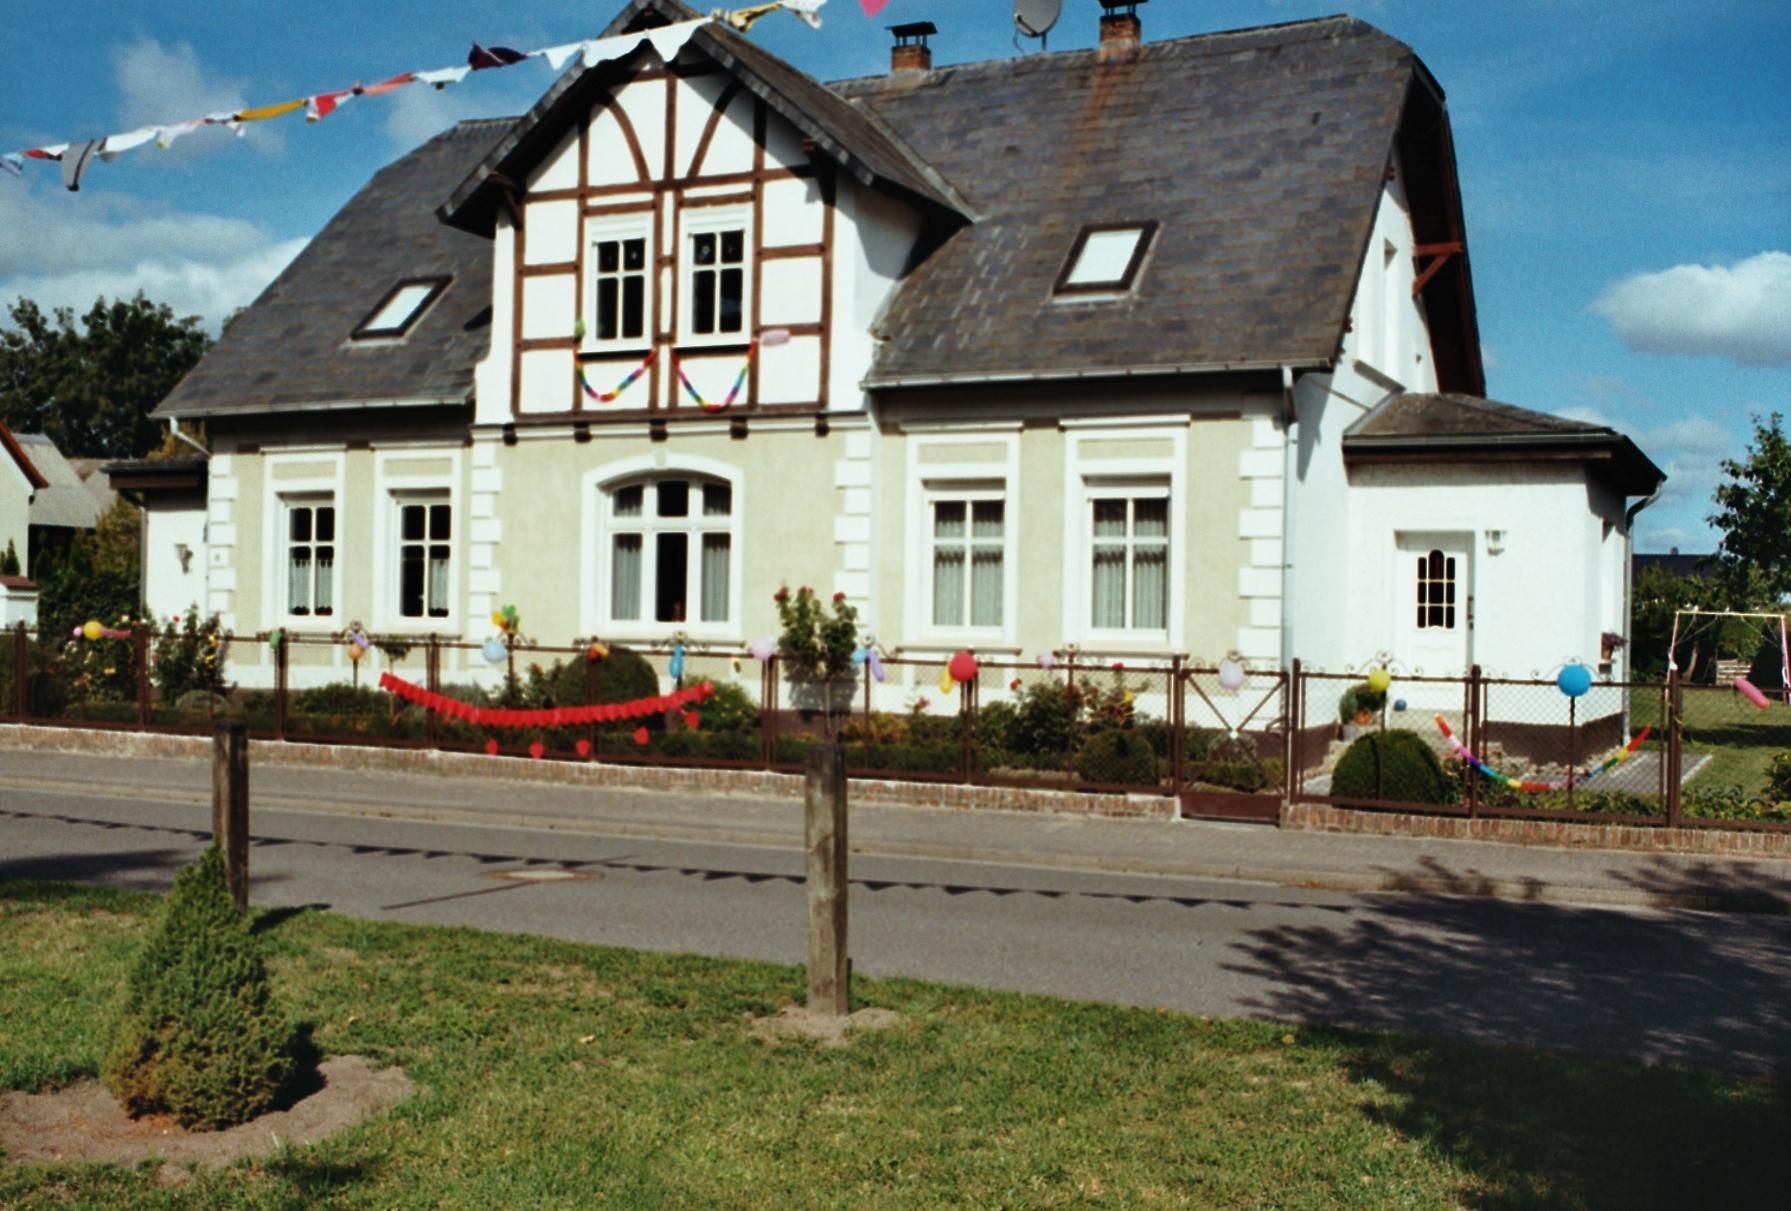 650 Jahre Beveringen - ein Haus schöner als das andere